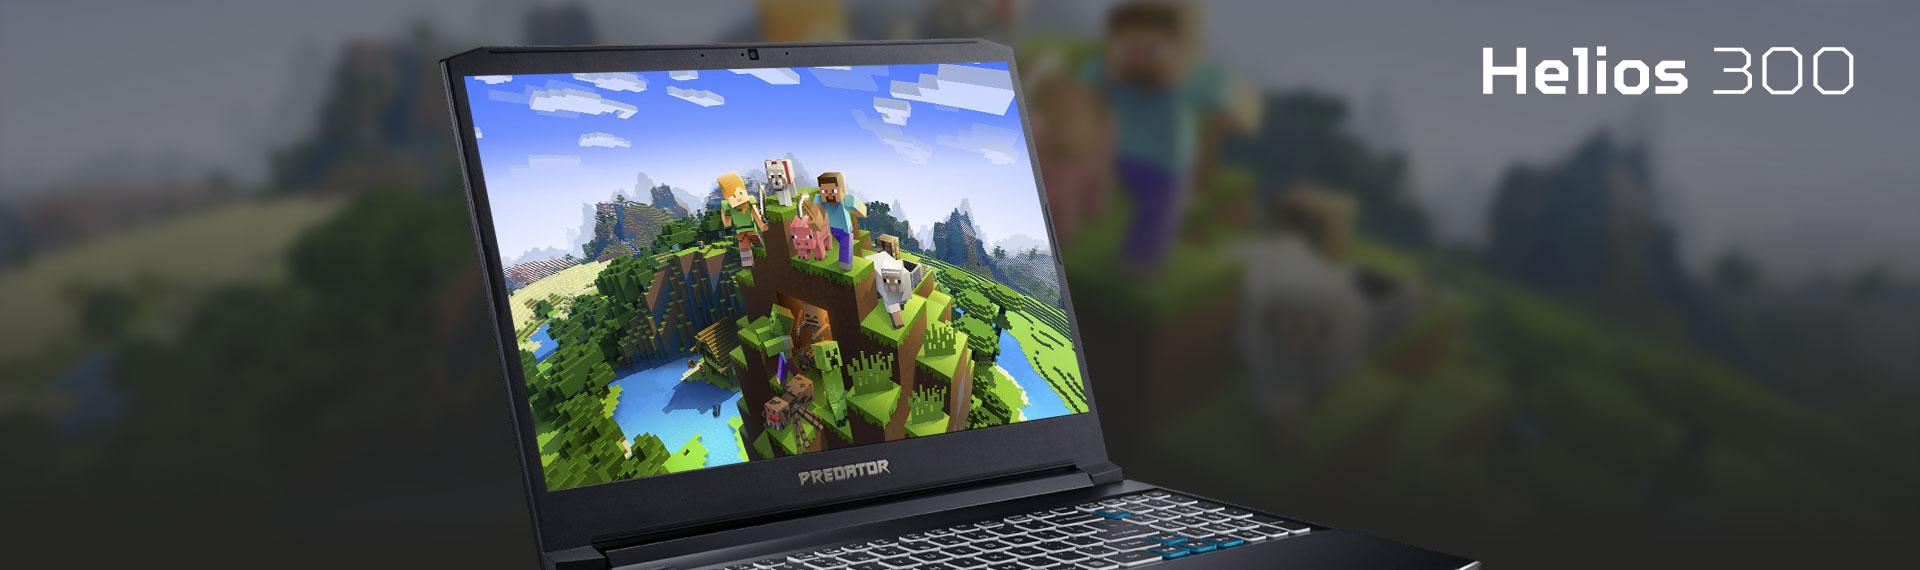 Kenapa Predator Helios 300 Sangat Kompatibel Untuk Game Minecraft? Ini Dia Jawabannya